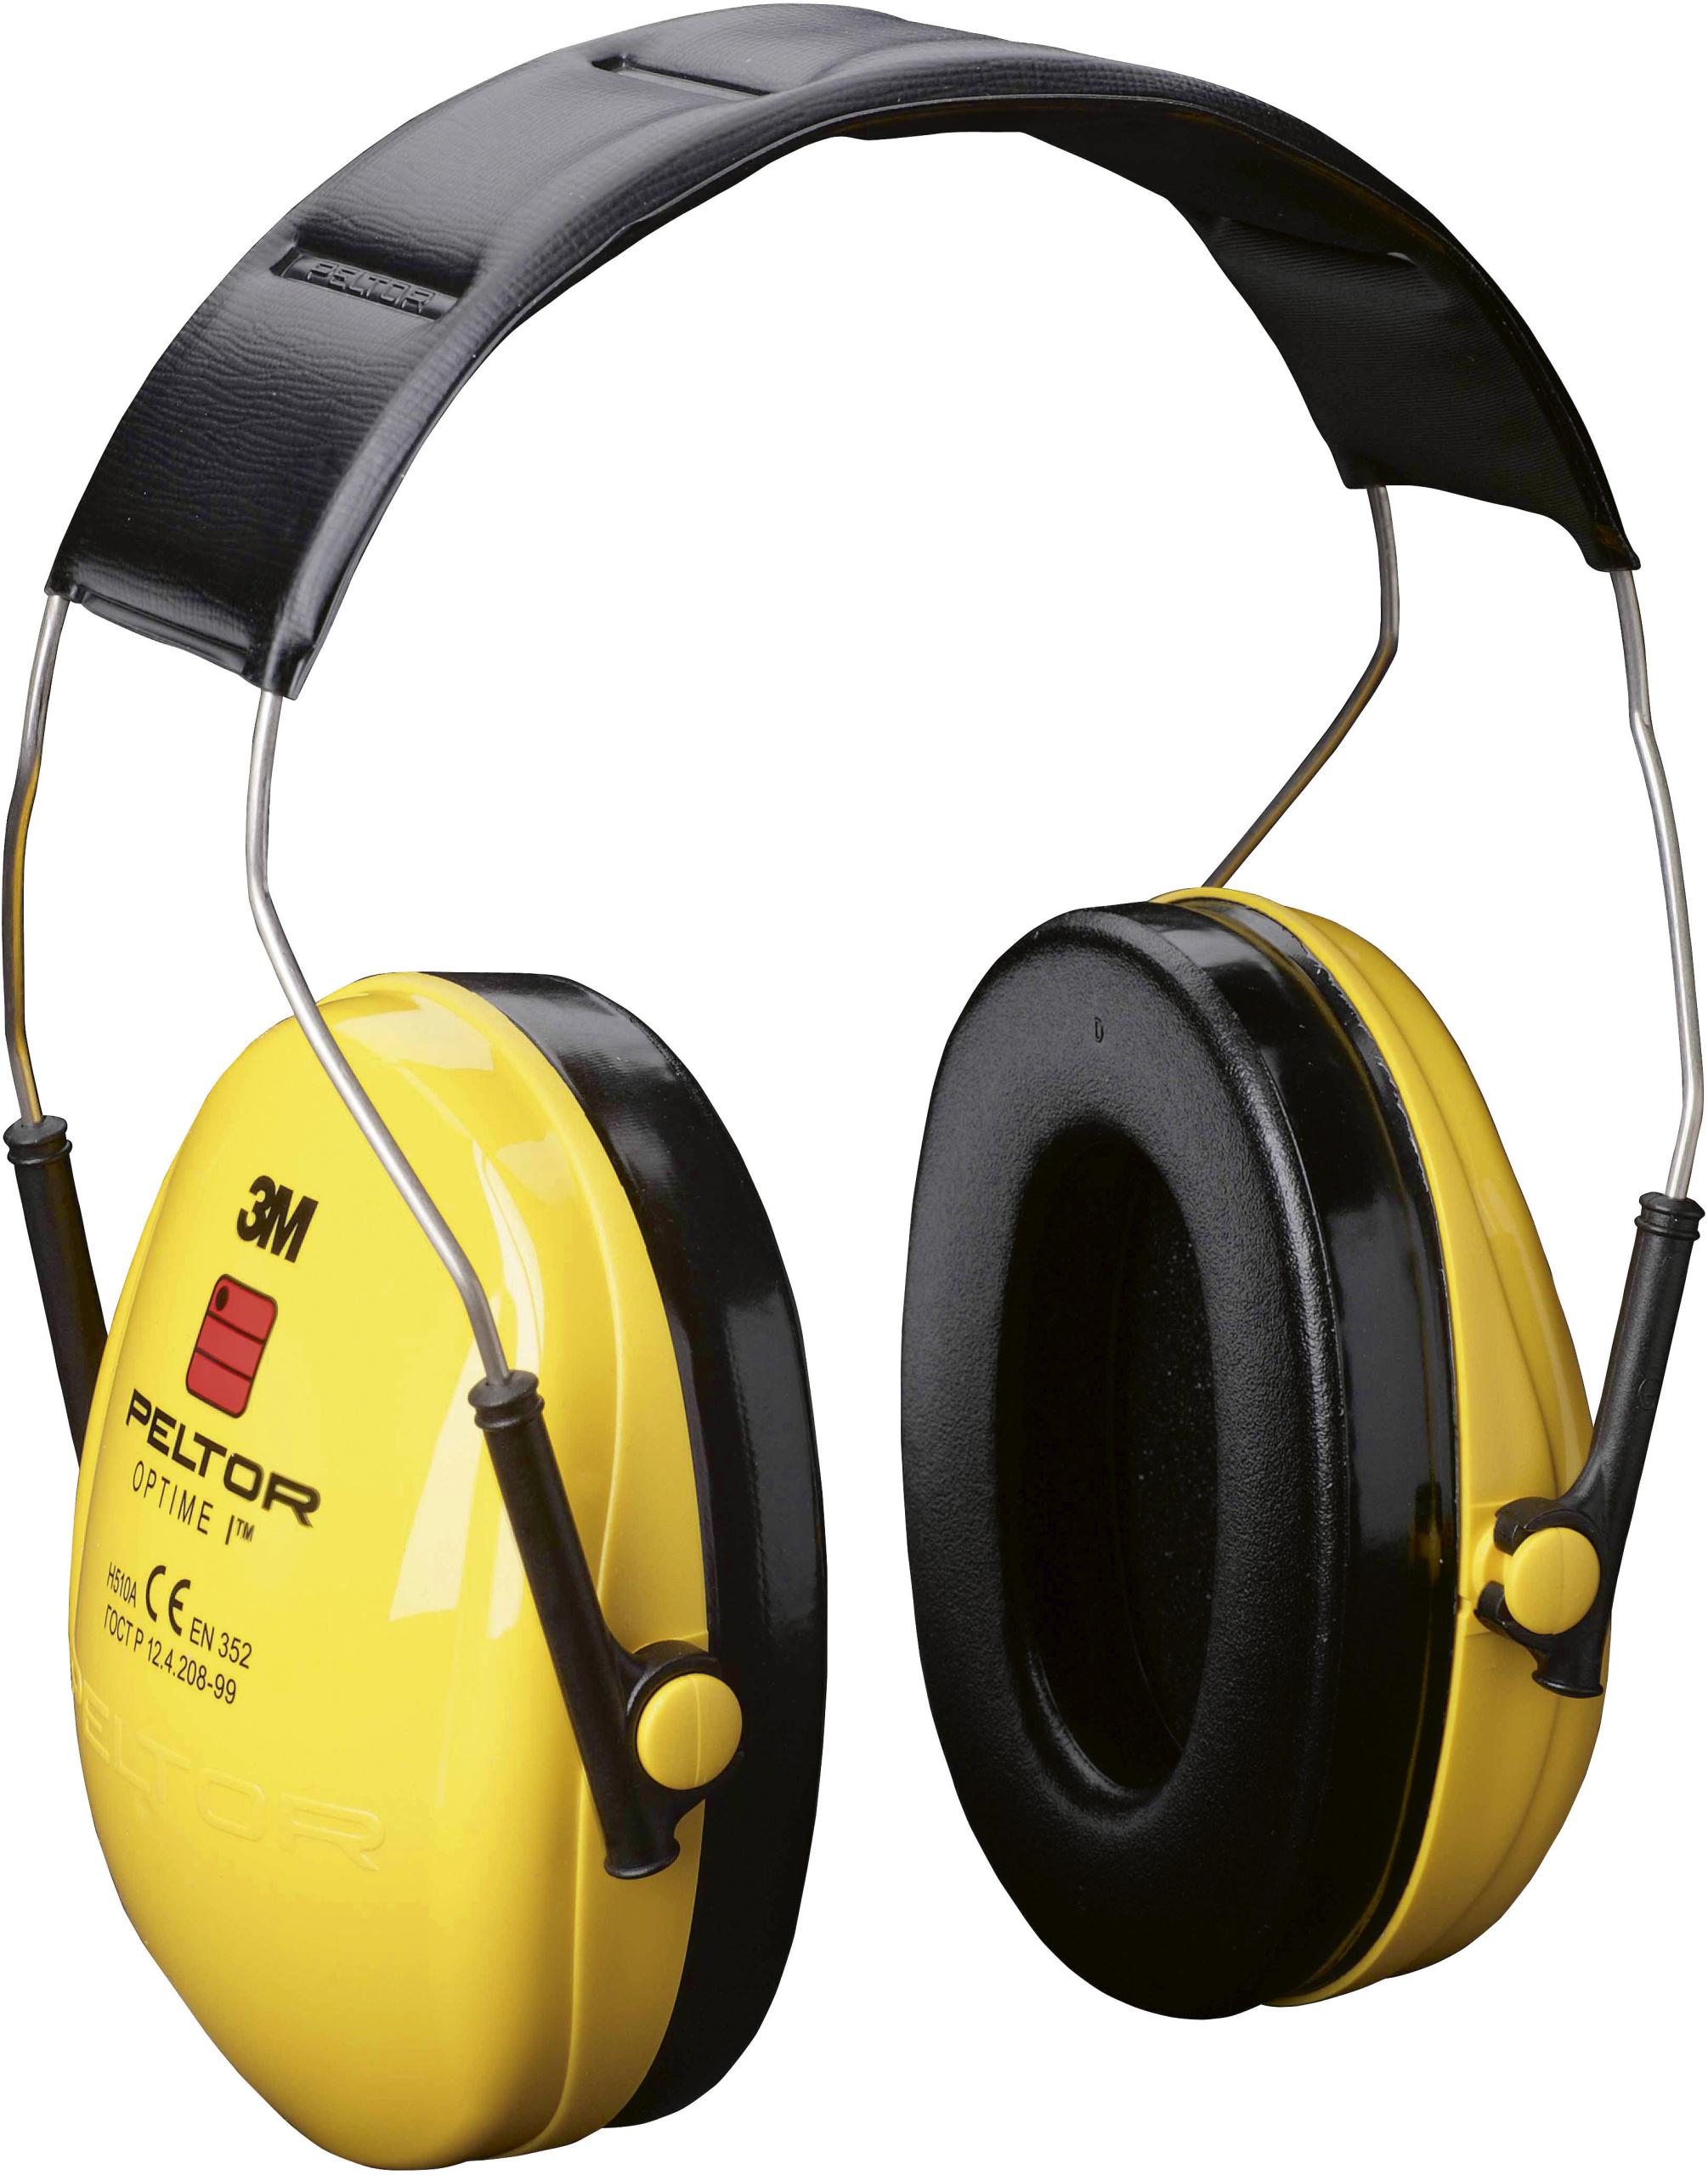 Gehörschutz Optime I mit Kopfbügel, EN352-1